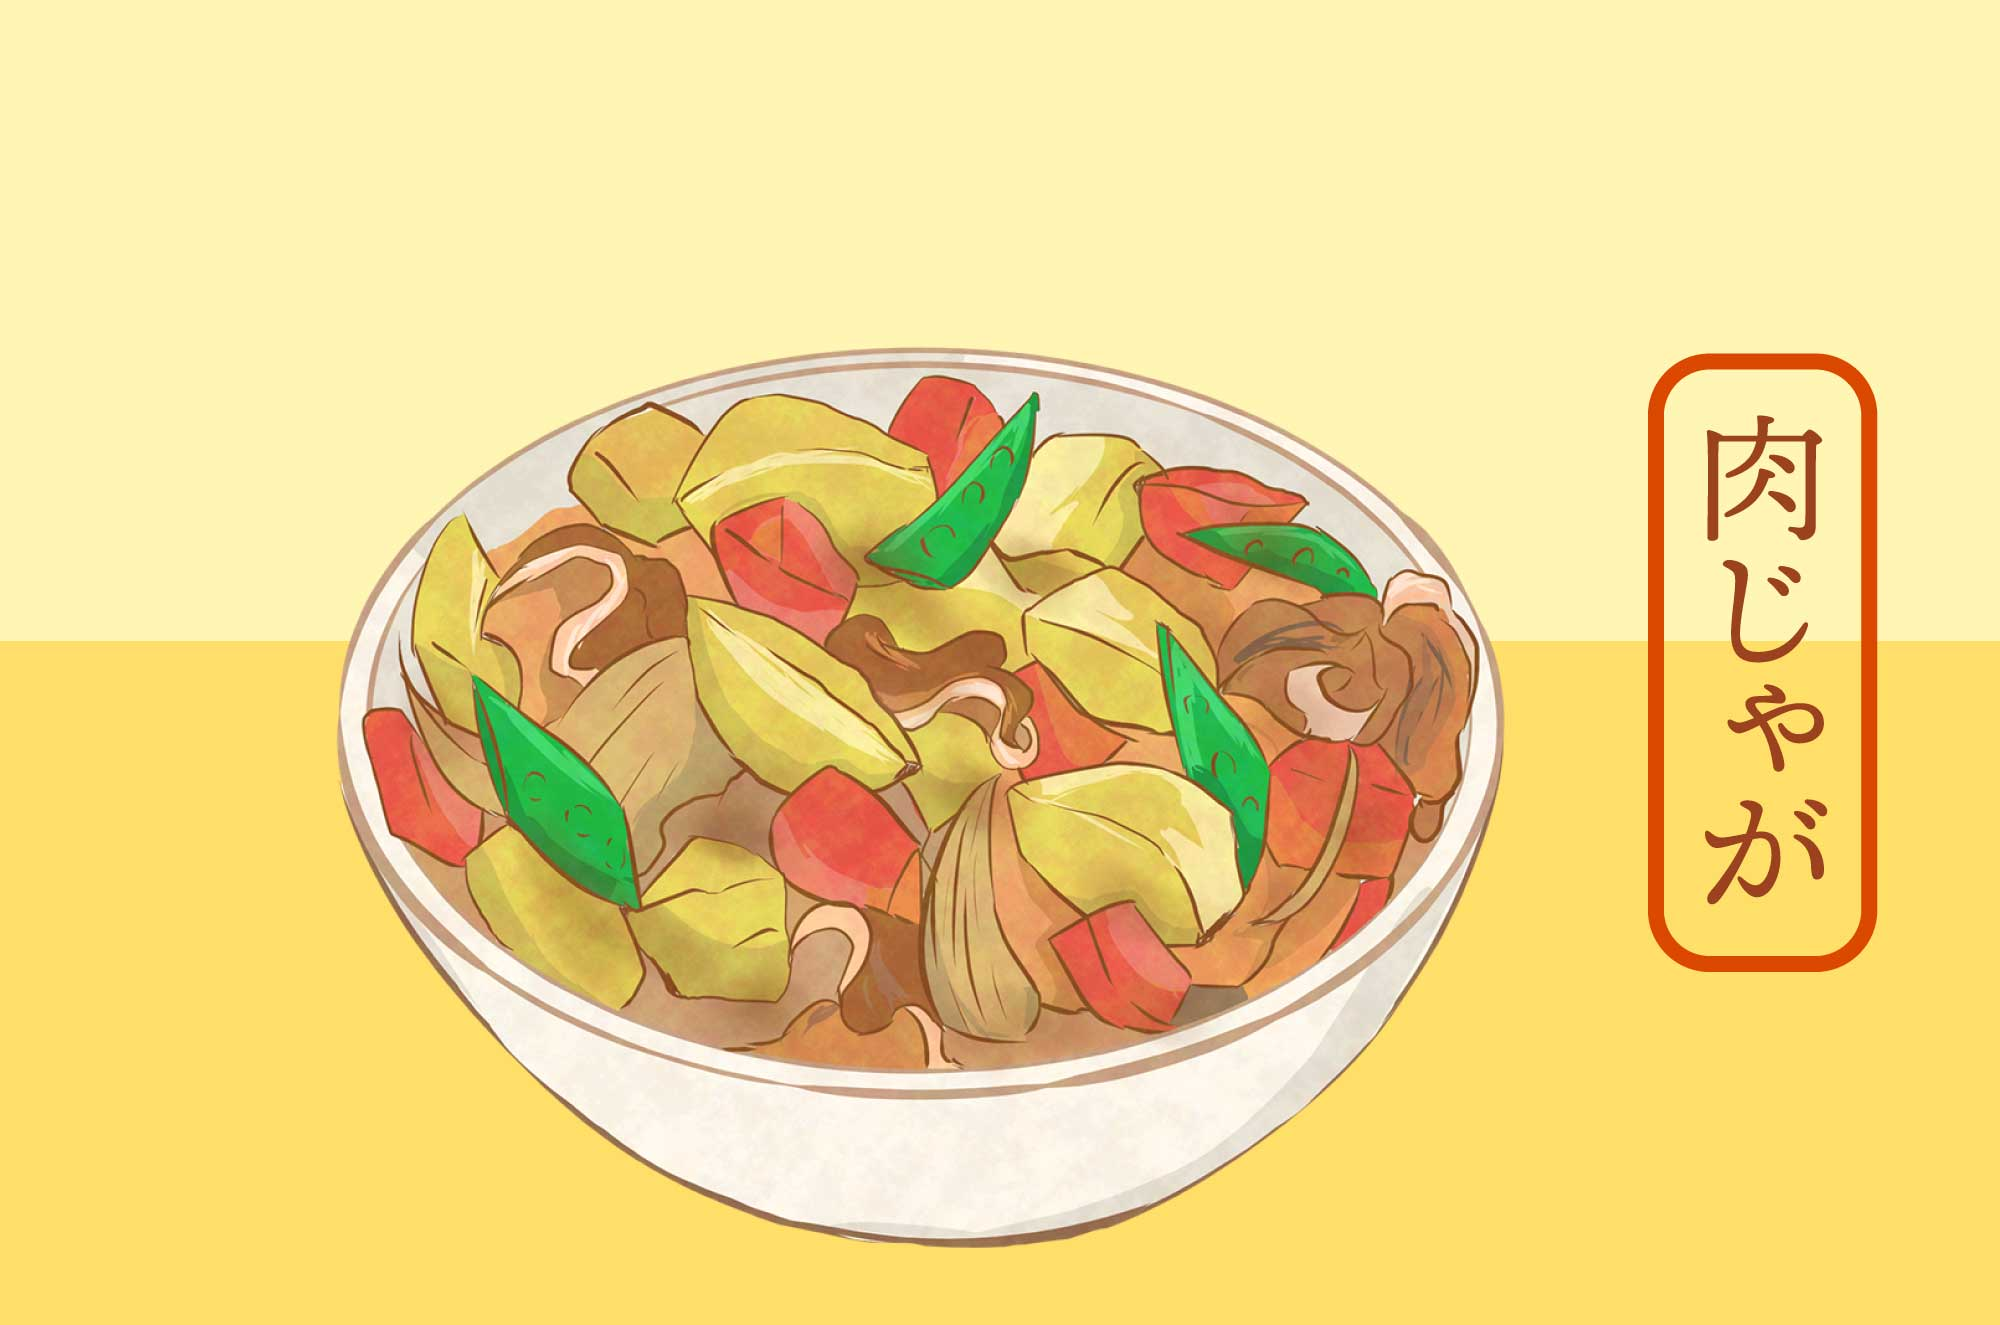 肉じゃがのフリーイラスト - 和食の無料素材